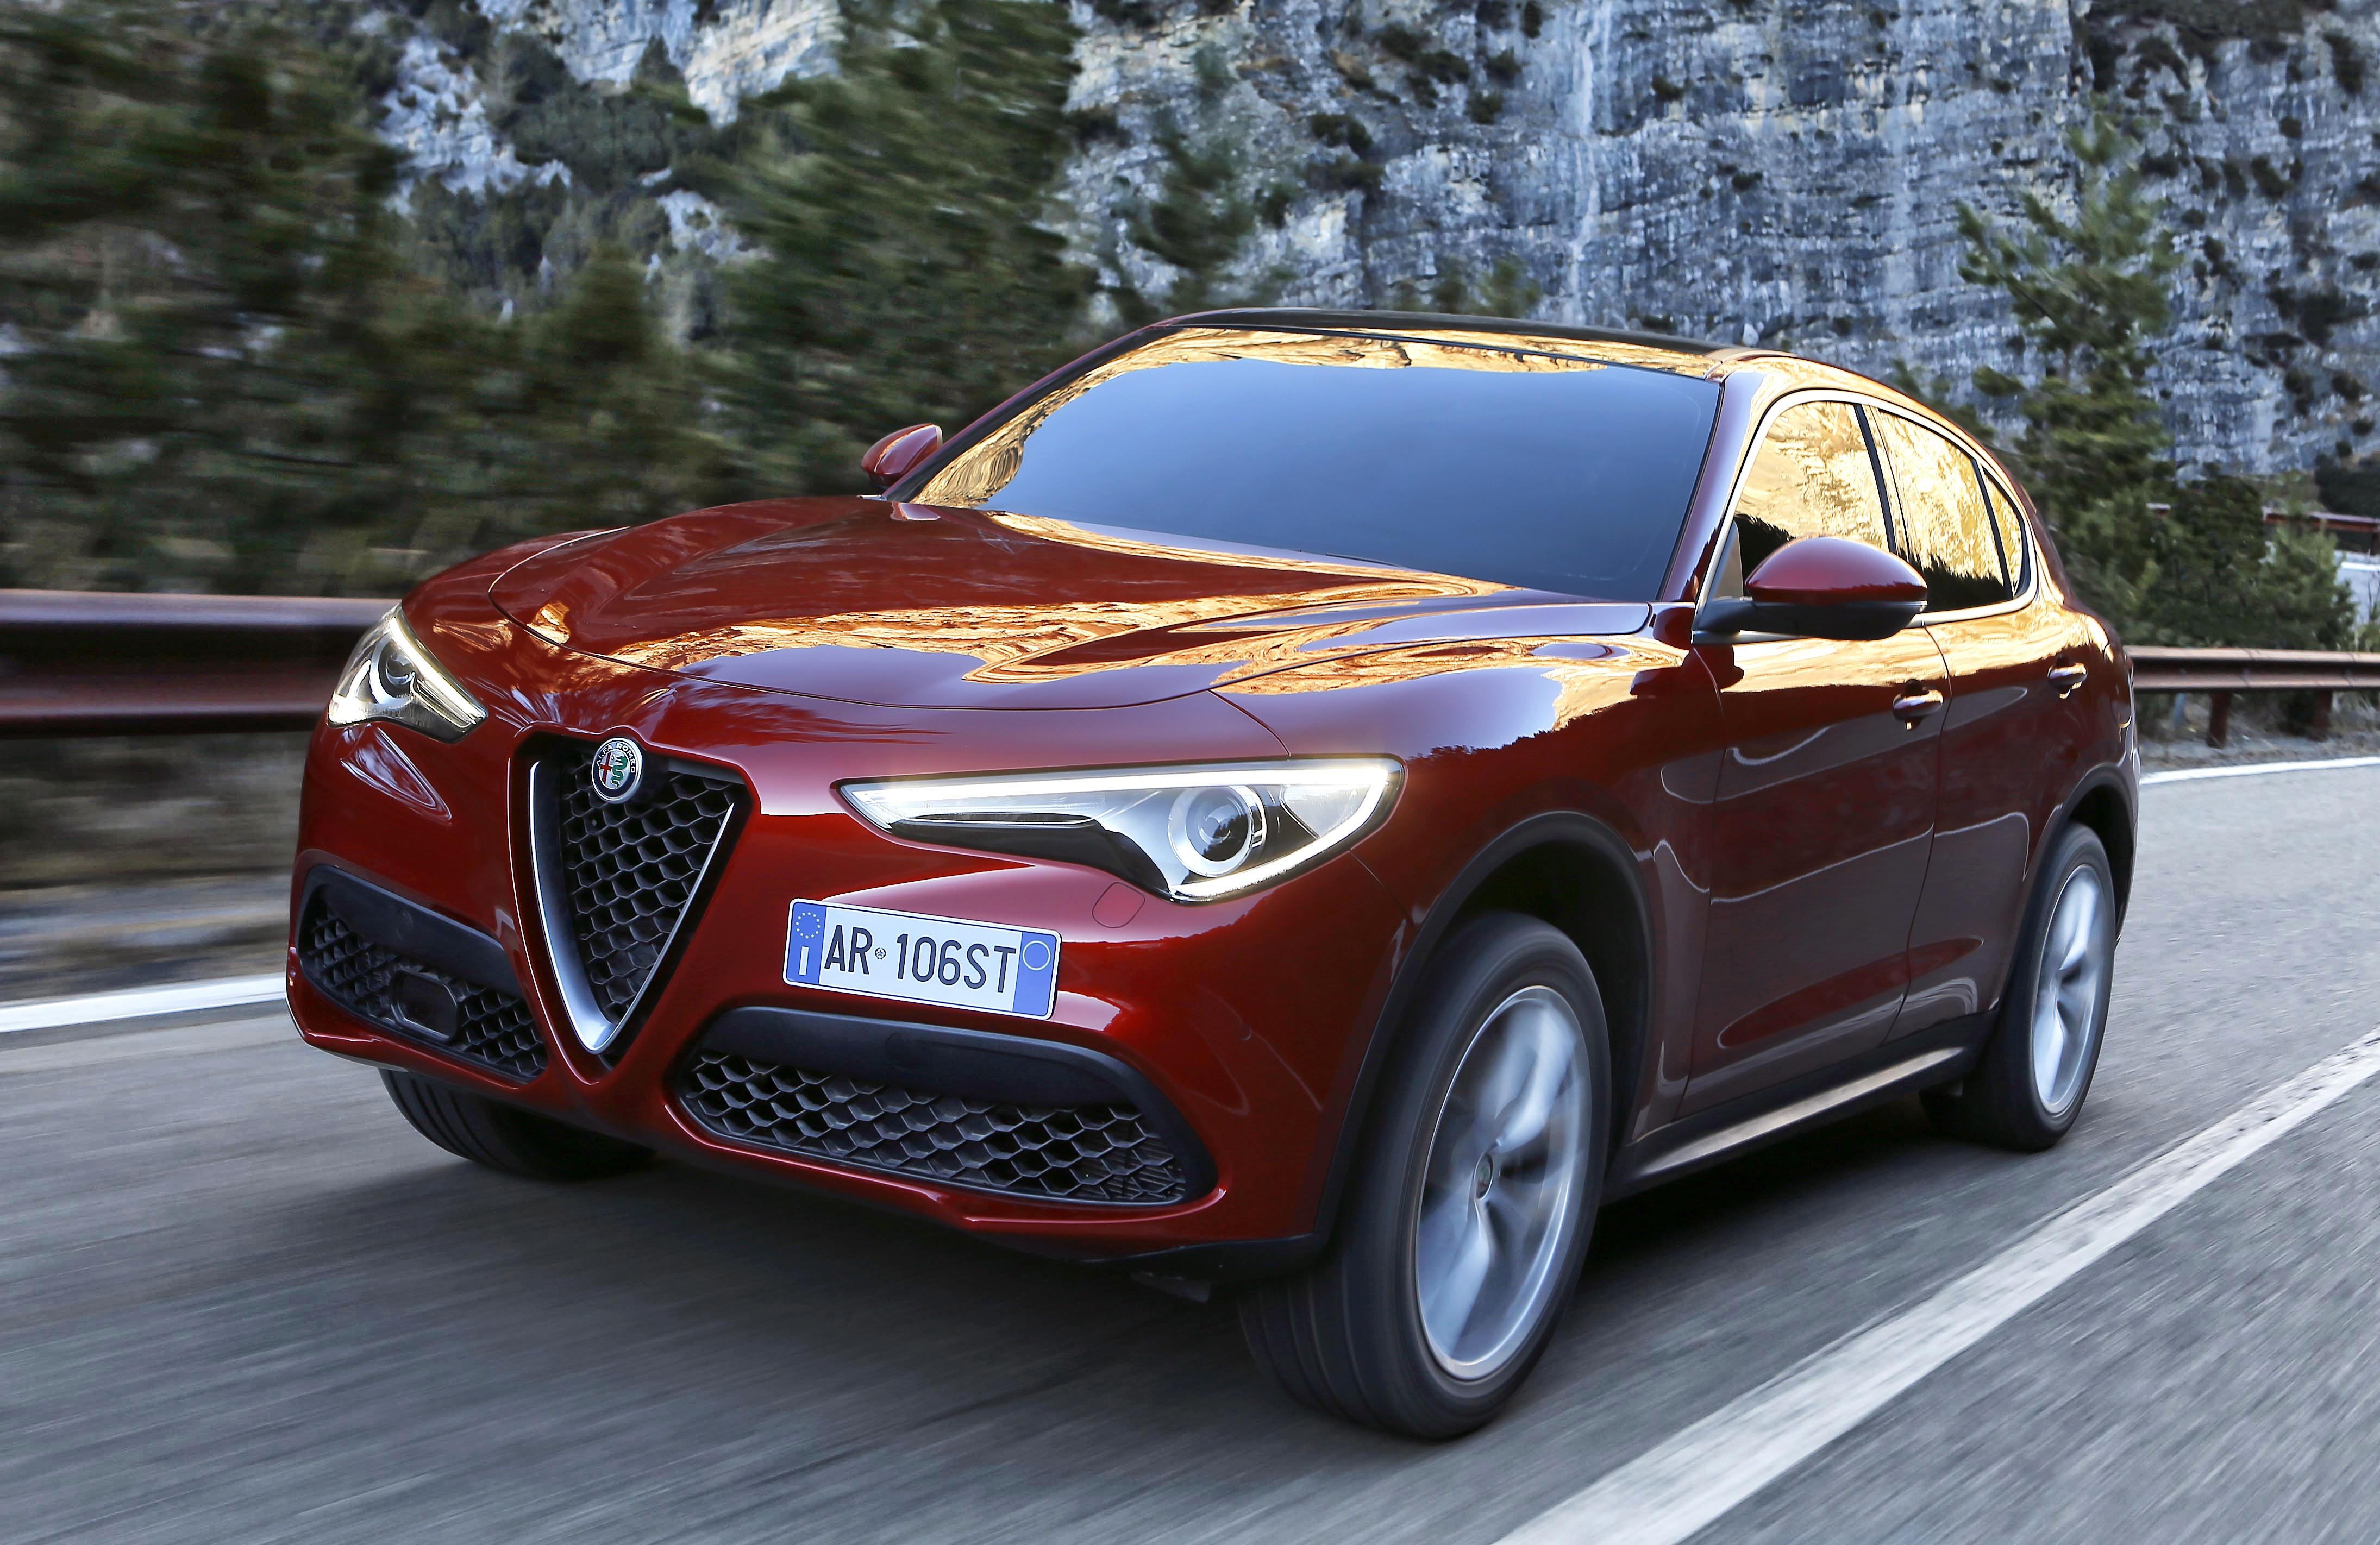 Nieuwe versie 2.2 JTDm 150 pk voor de Alfa Romeo Stelvio beschikbaar op de Belux-markt